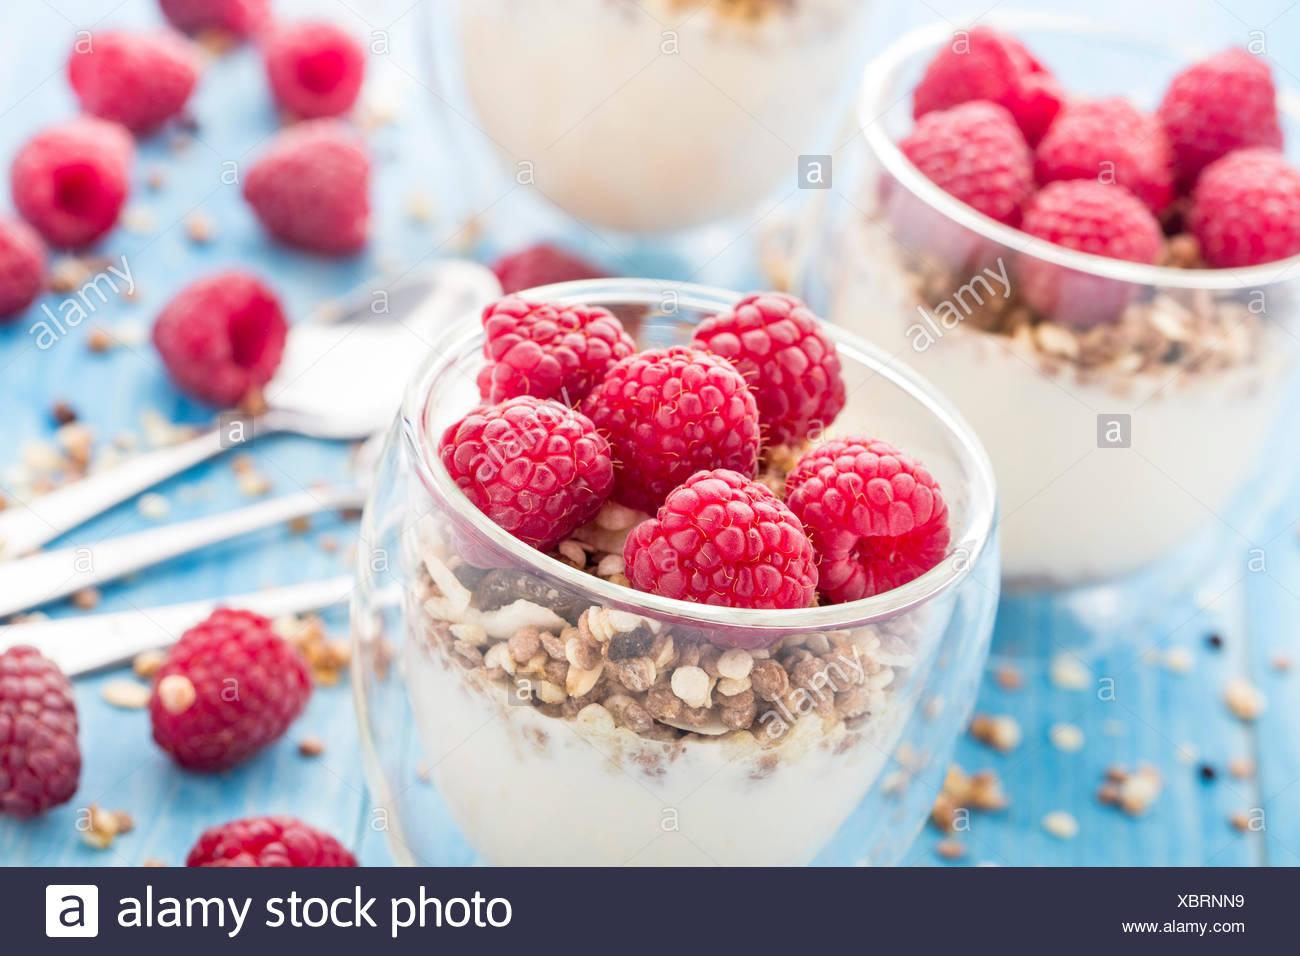 La prima colazione con muesli, yogurt e lamponi freschi Immagini Stock